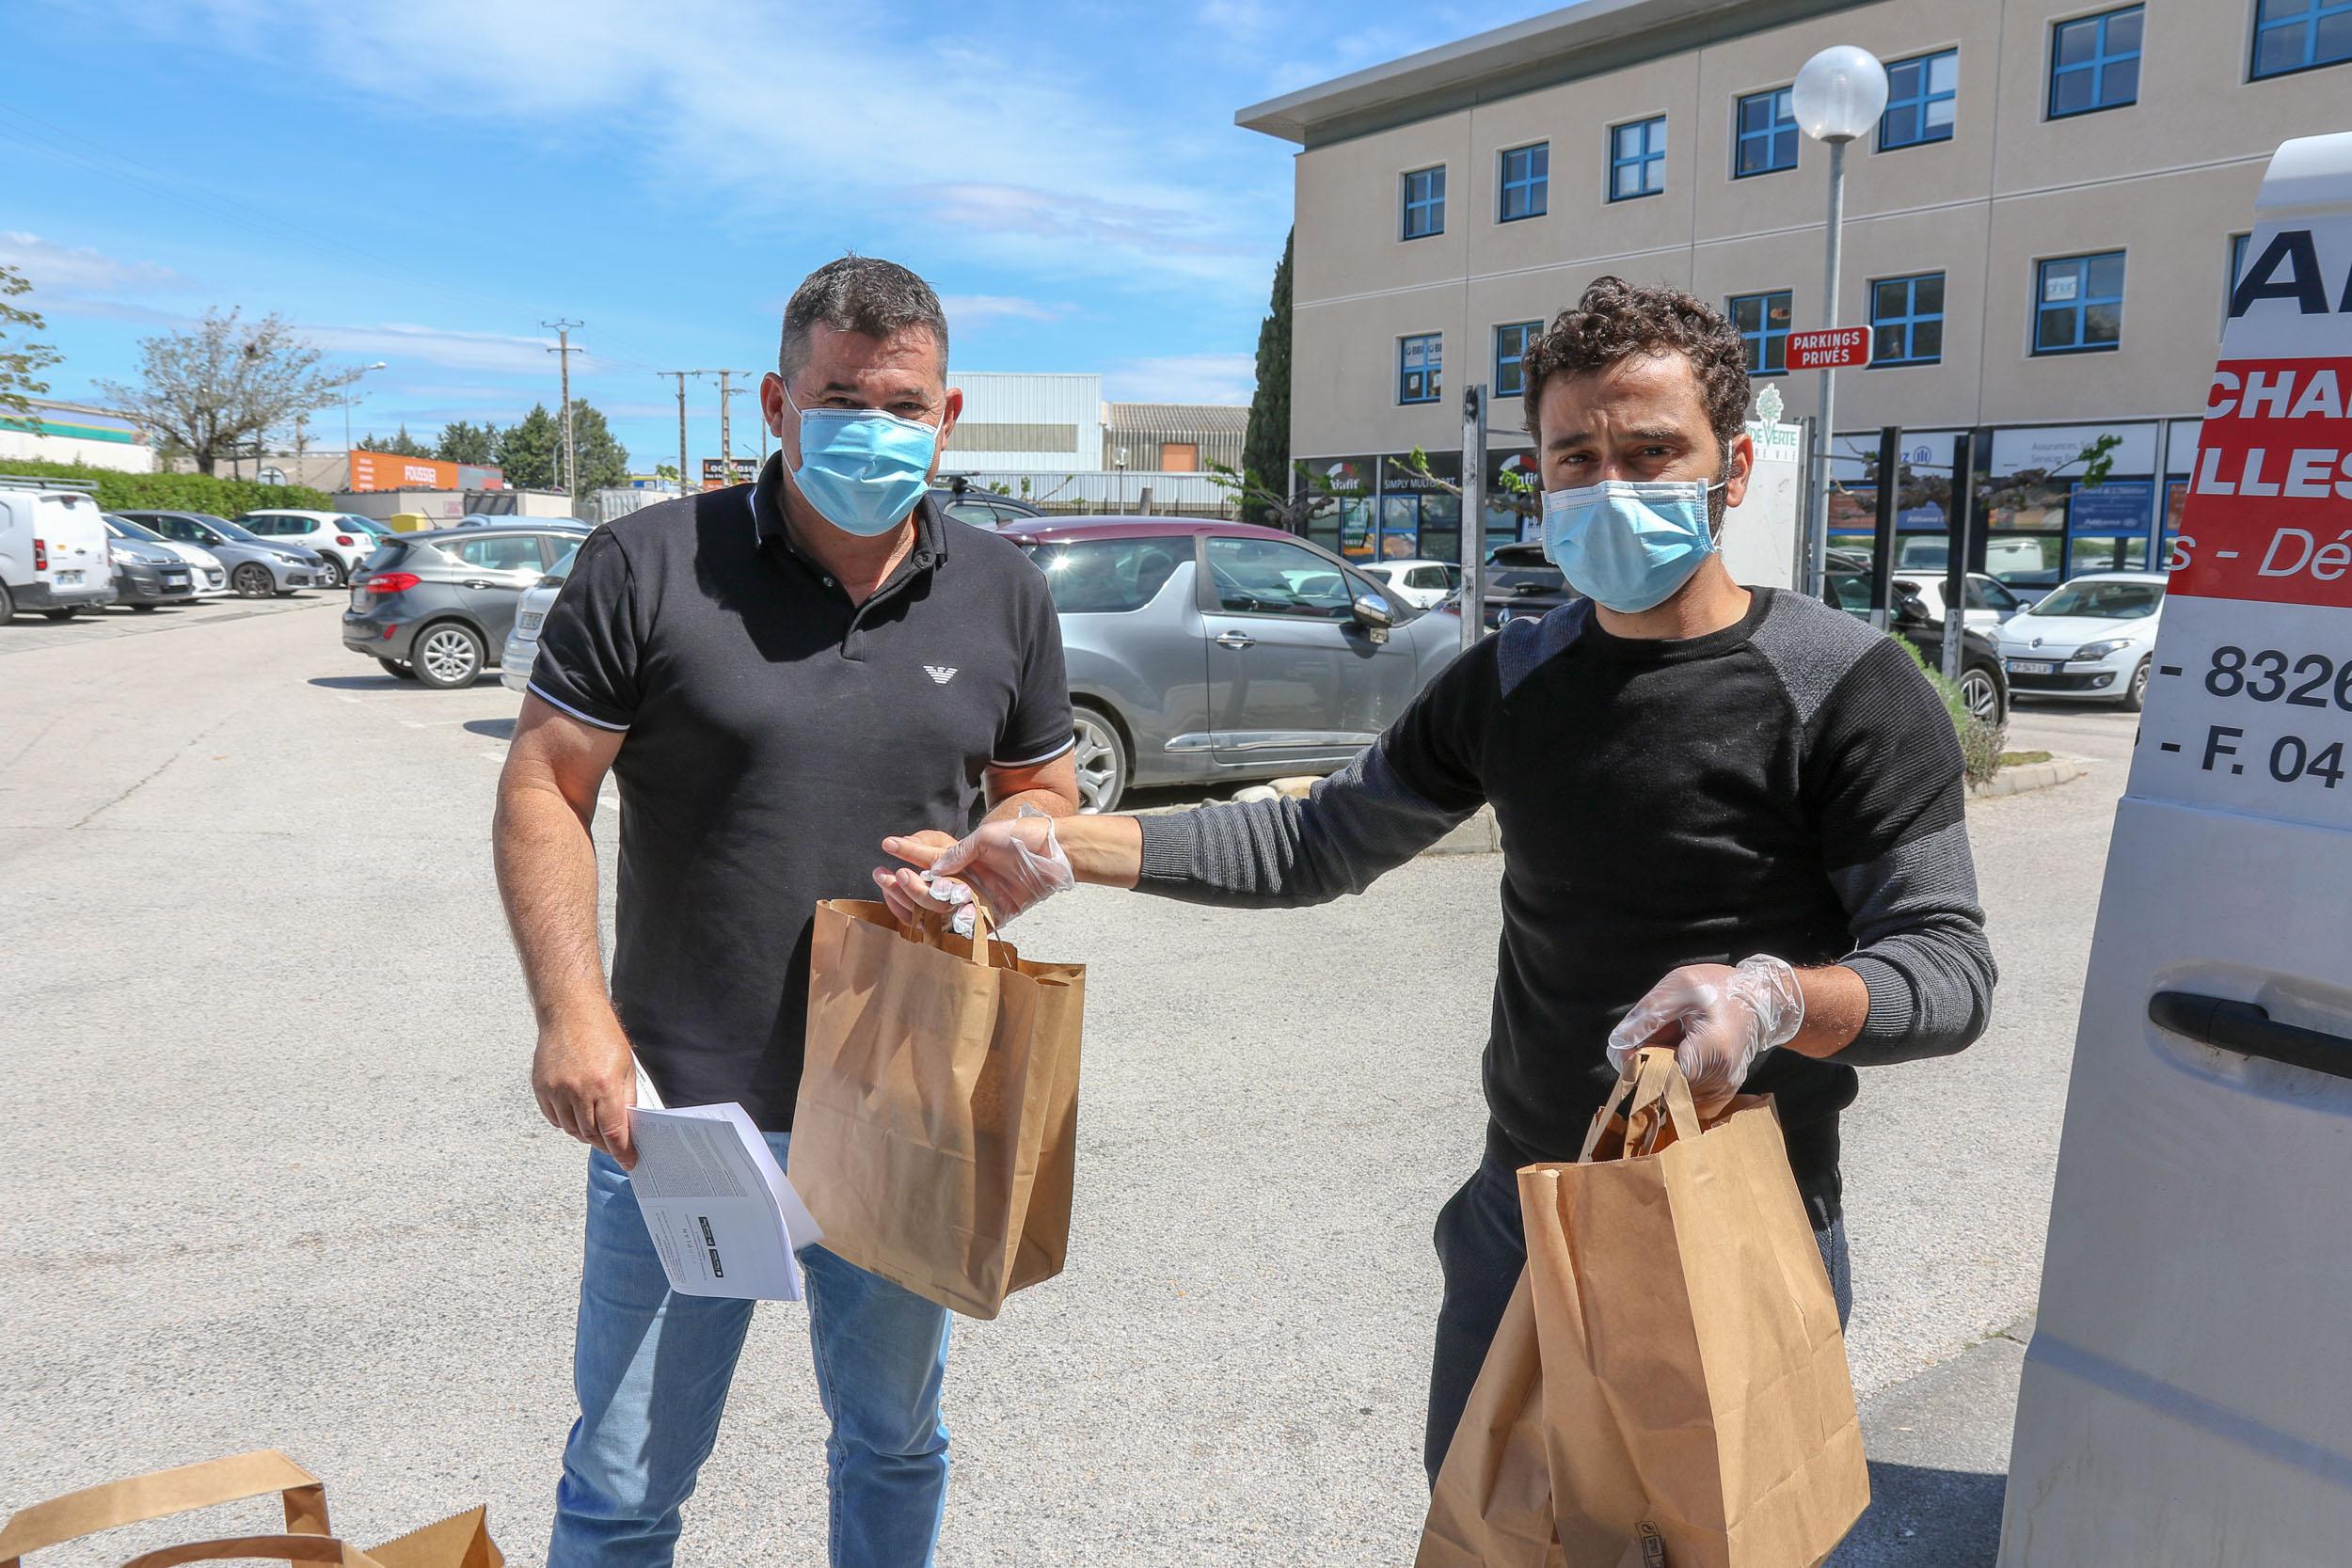 Entrepreneurs et Citoyens - Toulon - Var --repas-citoyen-060521